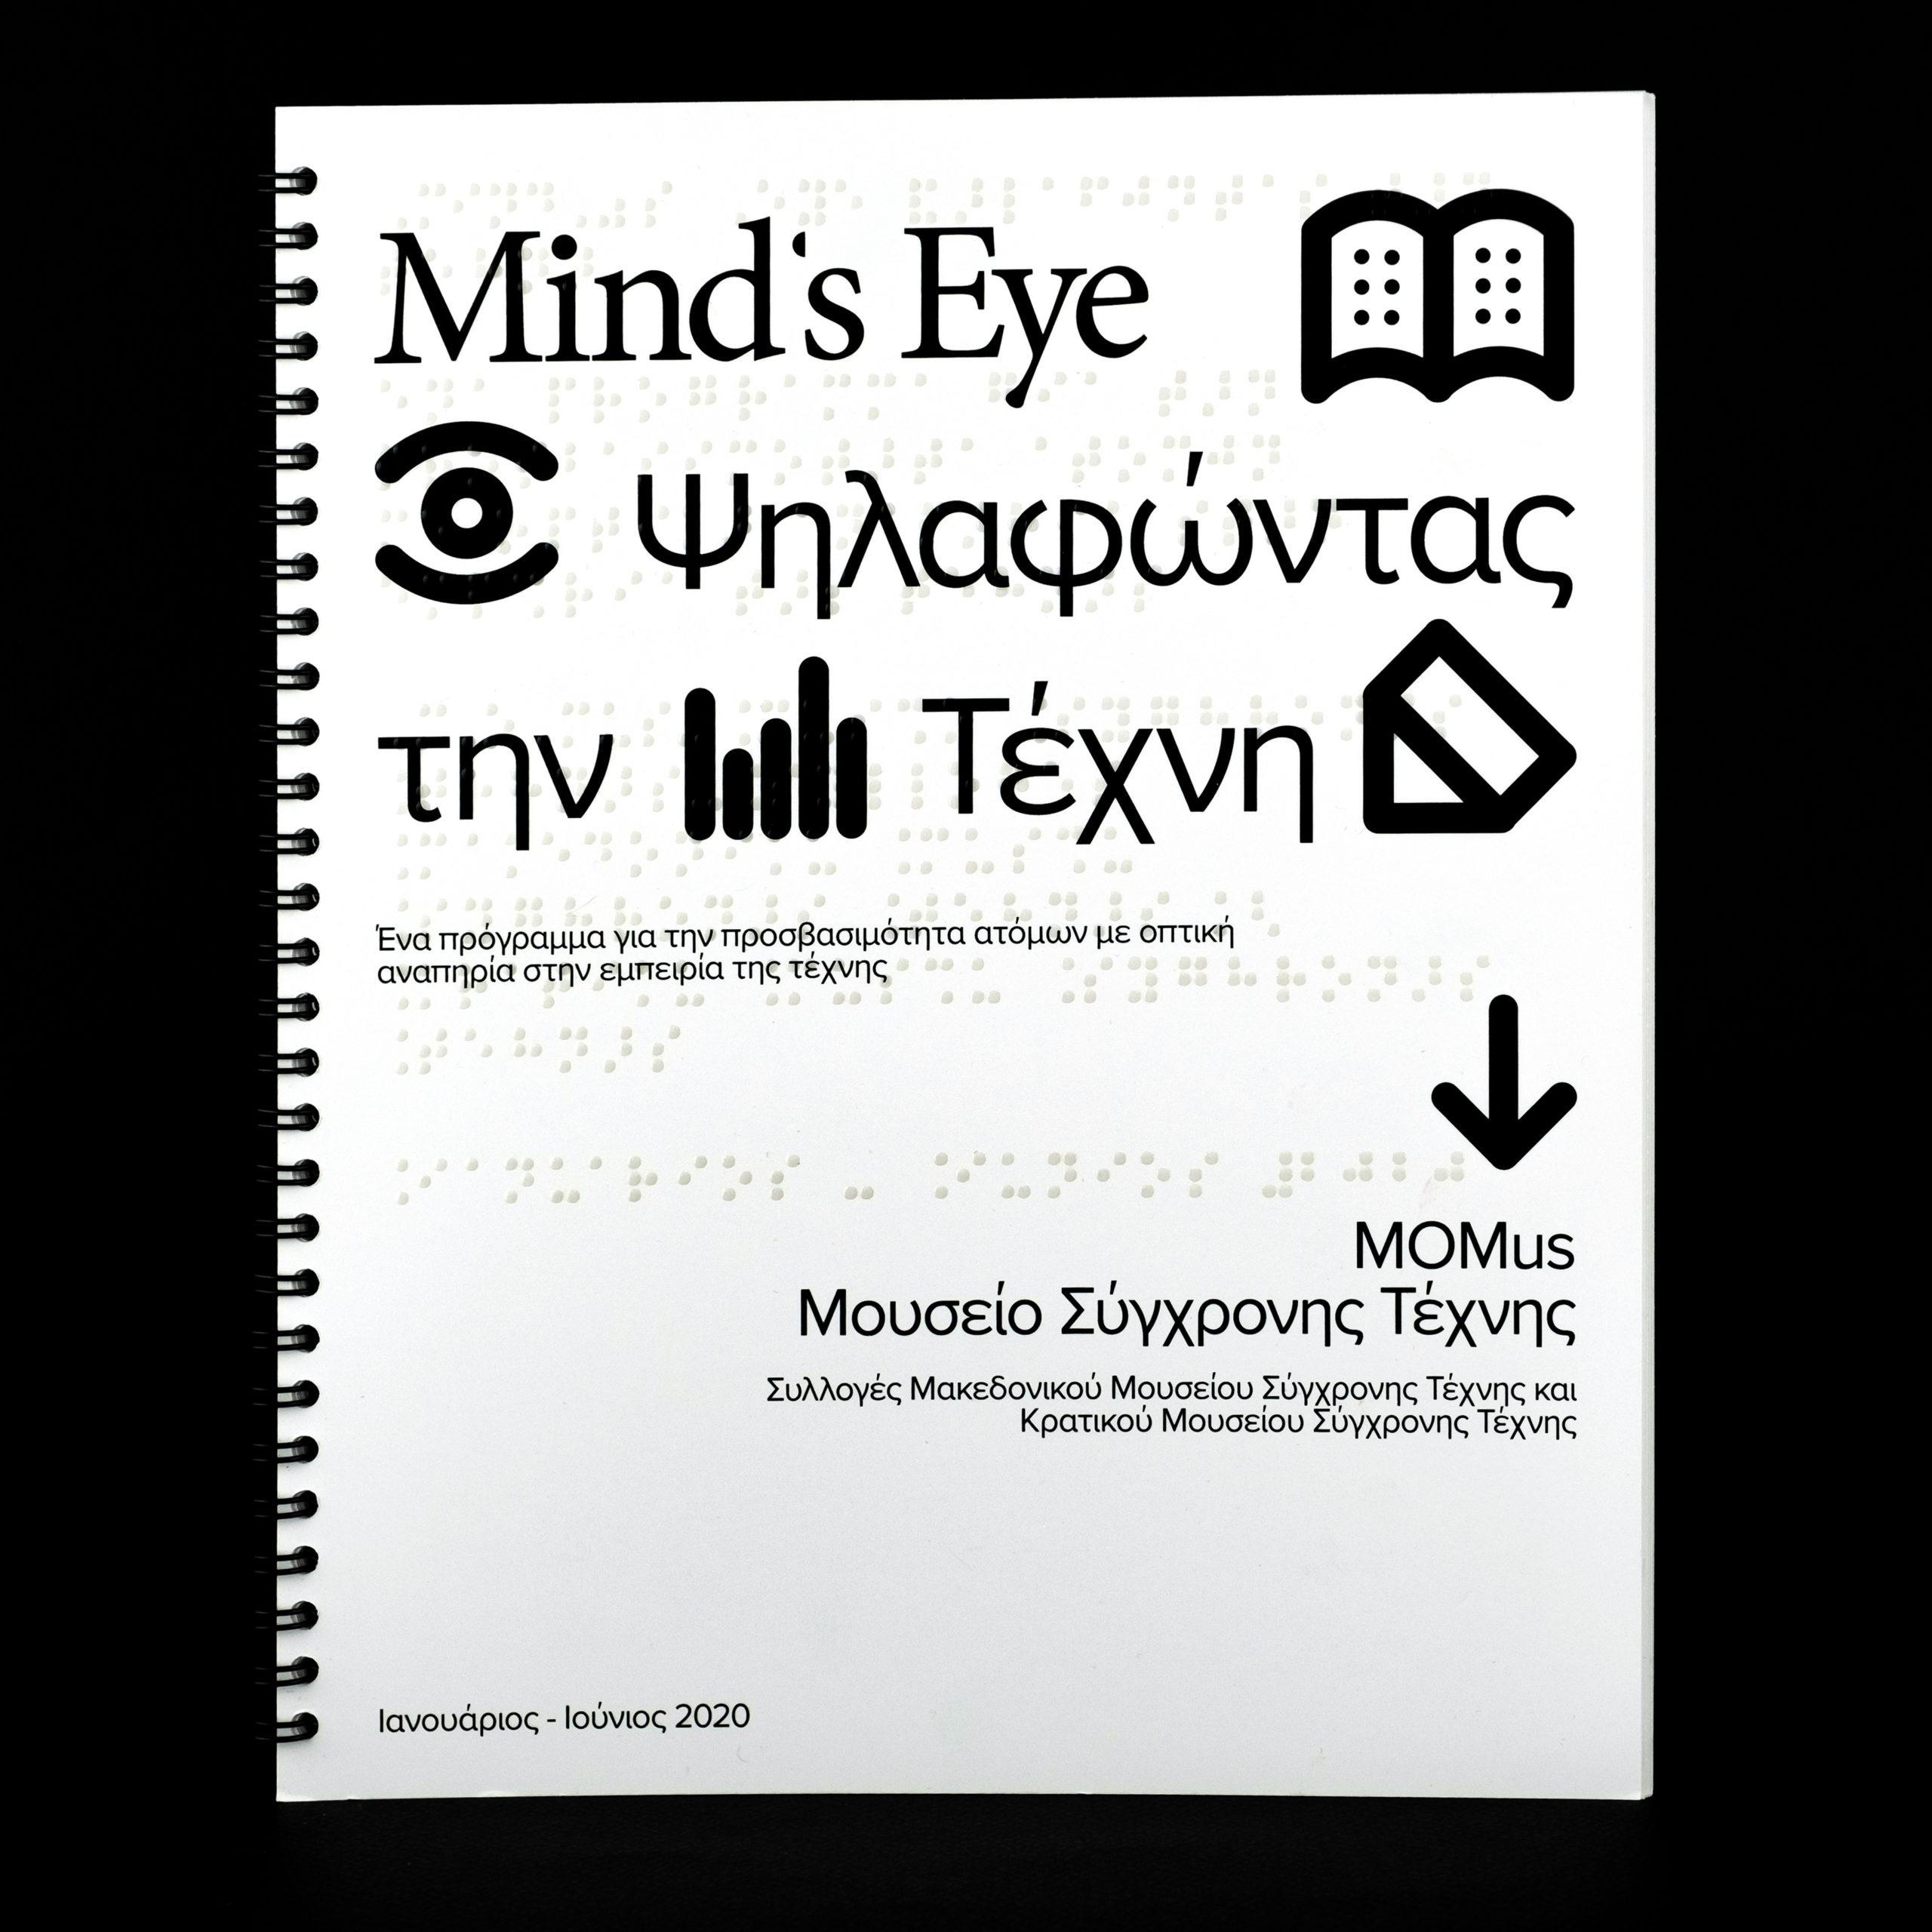 Έντυπος Συμπεριληπτικός Κατάλογος εφαρμογής του πιλοτικού προγράμματος MindsEye σε τμήμα του χώρου και της συλλογής του MOMus-Μουσείου Σύγχρονης Τέχνης. Ο κατάλογος φέρει πληροφορίες σχετικά με το πρόγραμμα σε ελληνική μεγαλογράμματη γραφή και τη μεταγραφή όλων των κειμένων που περιλαμβάνει σε ελληνική μπράιγ γραφή. Επιπλέον, οι εικόνες των έργων τέχνης περιλαμβάνουν επιλεγμένα στοιχεία σε ανάγλυφο ώστε να είναι προσβάσιμος από άτομα με οπτική αναπηρία, με τη δυνατότητα ακουστικής περιγραφής σκανάροντας τον ανάγλυφο QR κωδικό που είναι κάτω δεξιά στη σελίδα του κάθε έργου τέχνης. Στην εικόνα εμφανίζεται το εξώφυλλο του καταλόγου με τον τίτλο του προγράμματος.